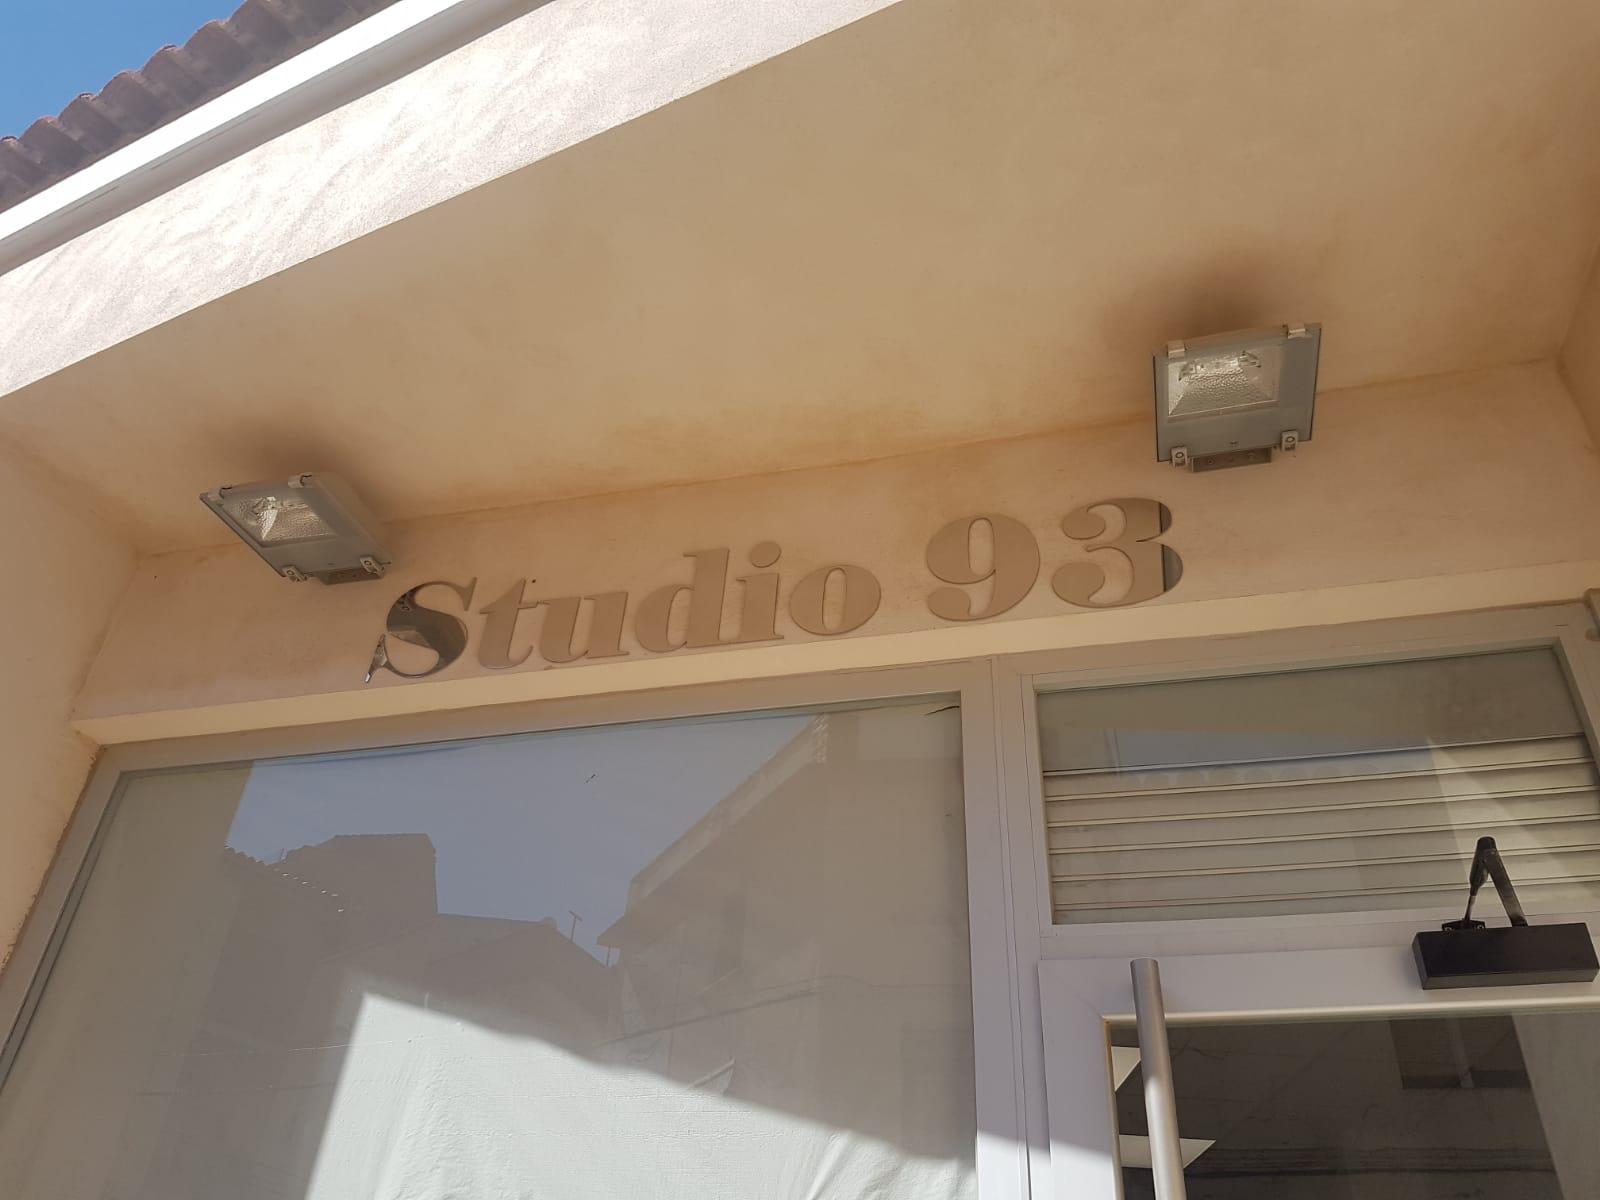 Peluqueria Studio 93 2